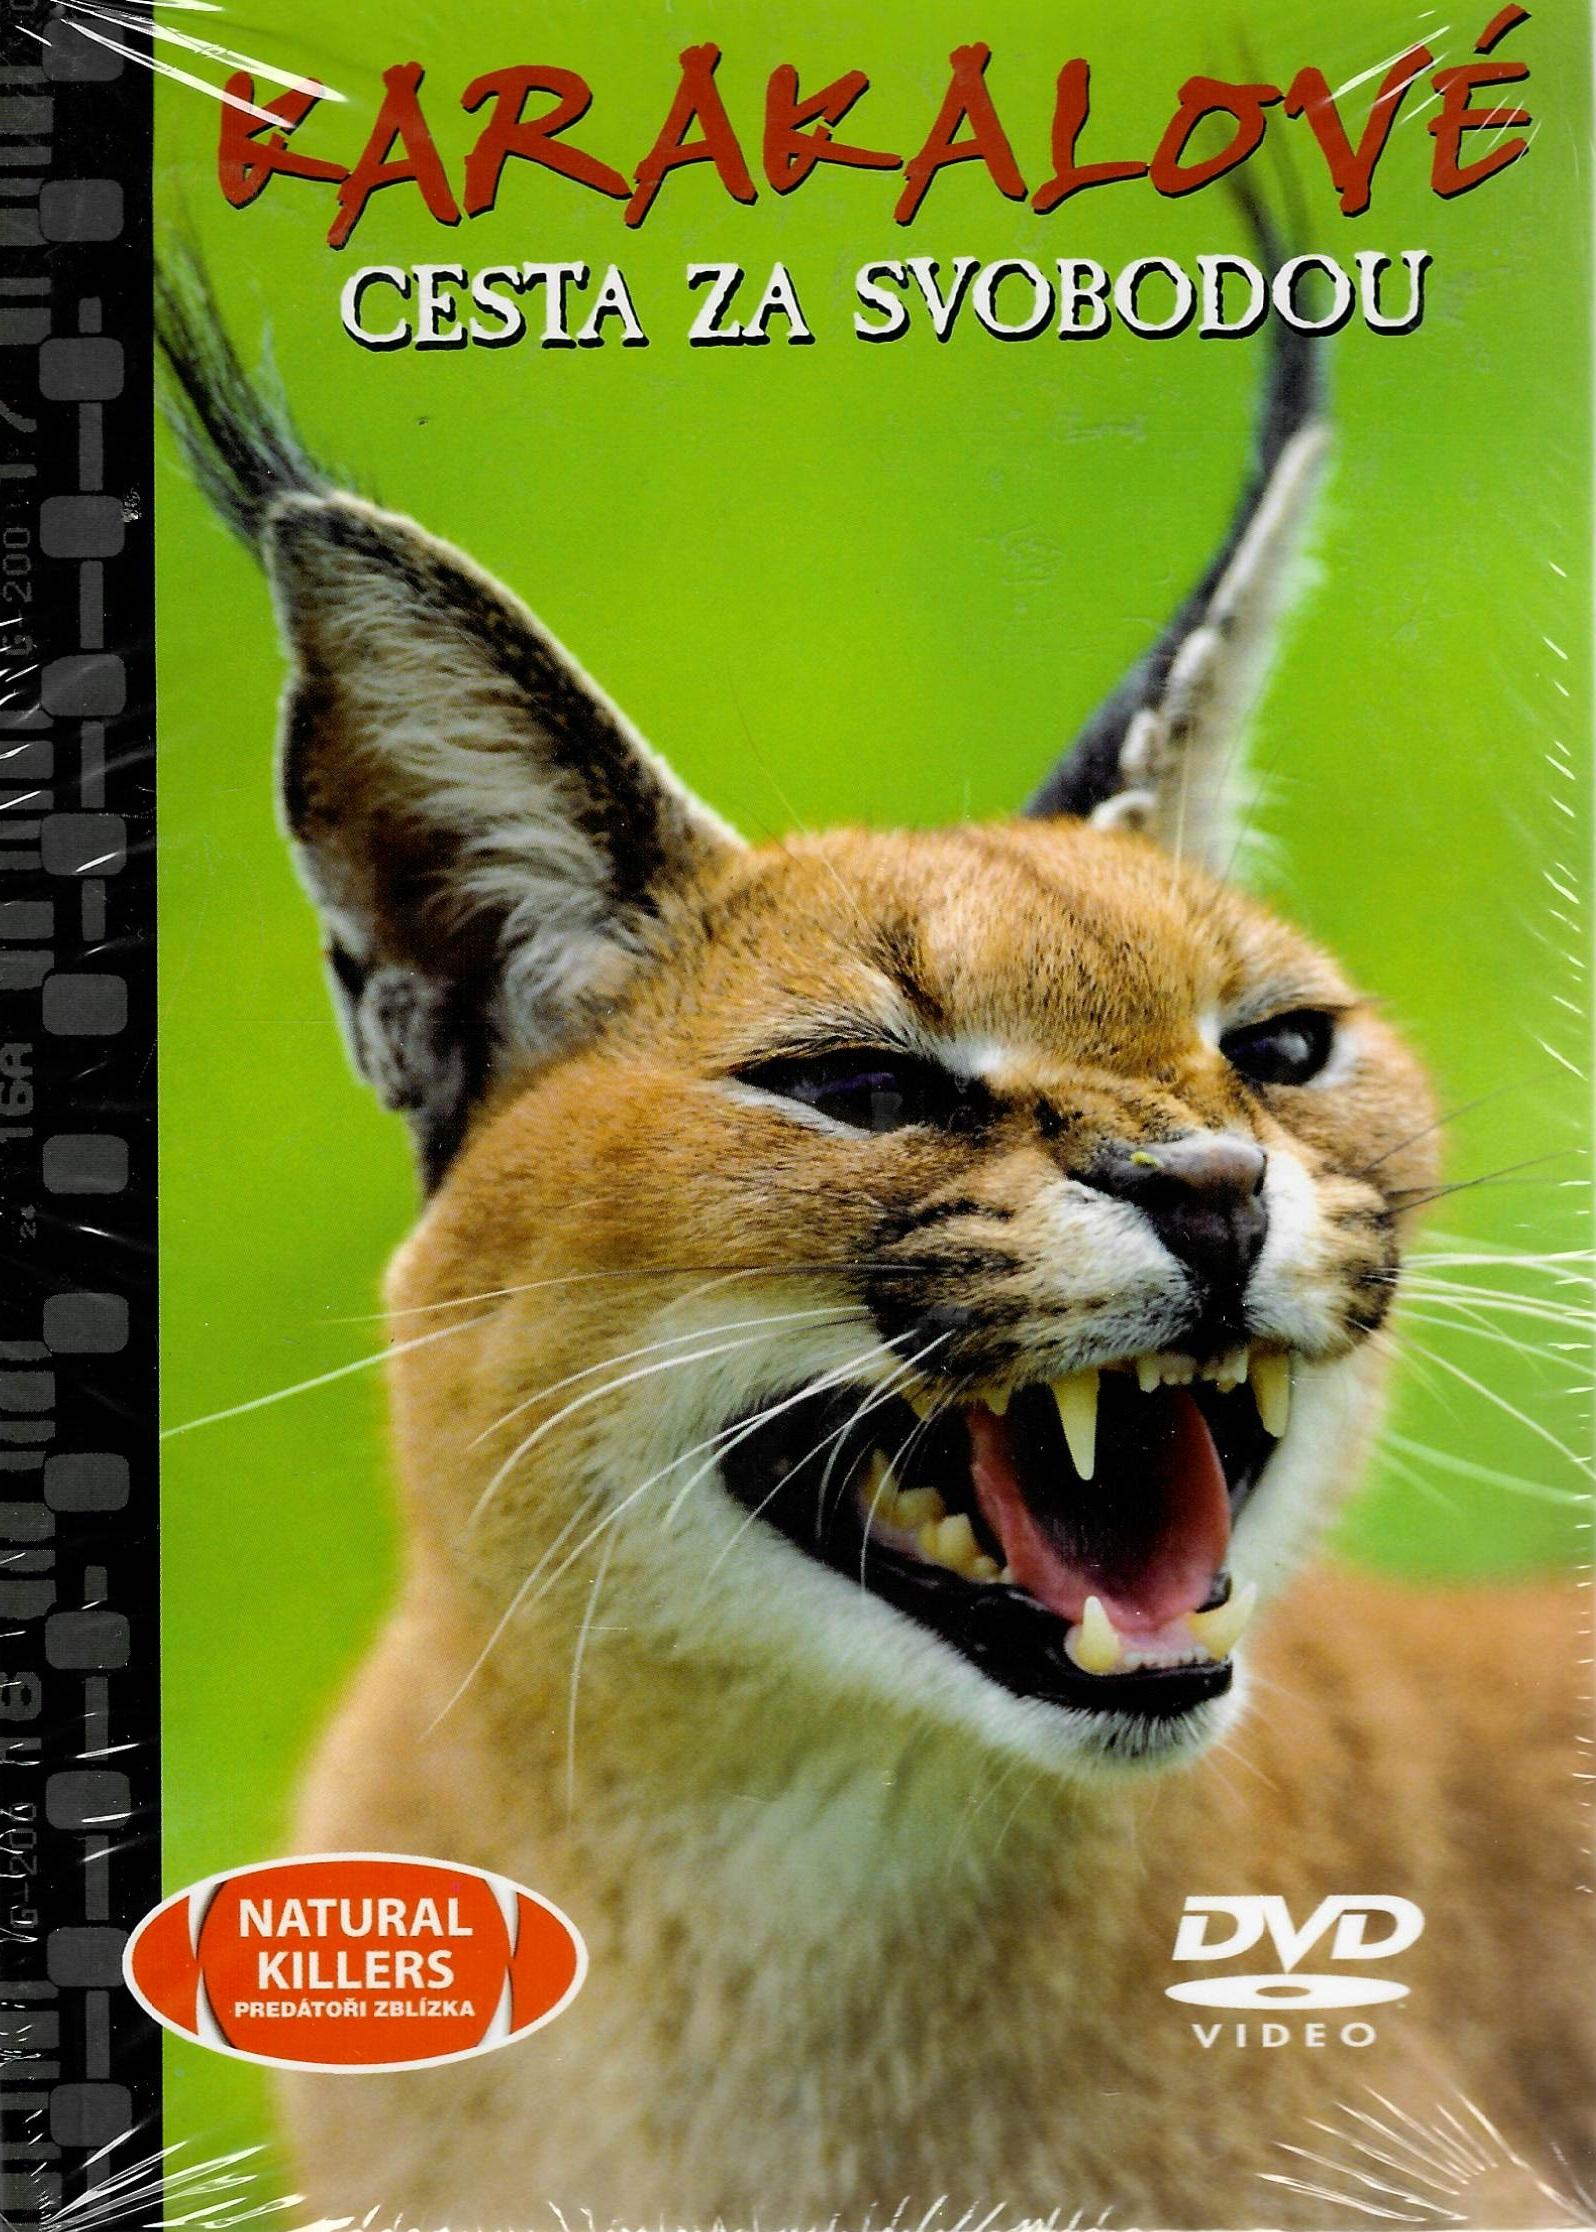 Karakalové - Cesta za svobodou - DVD + brožurka